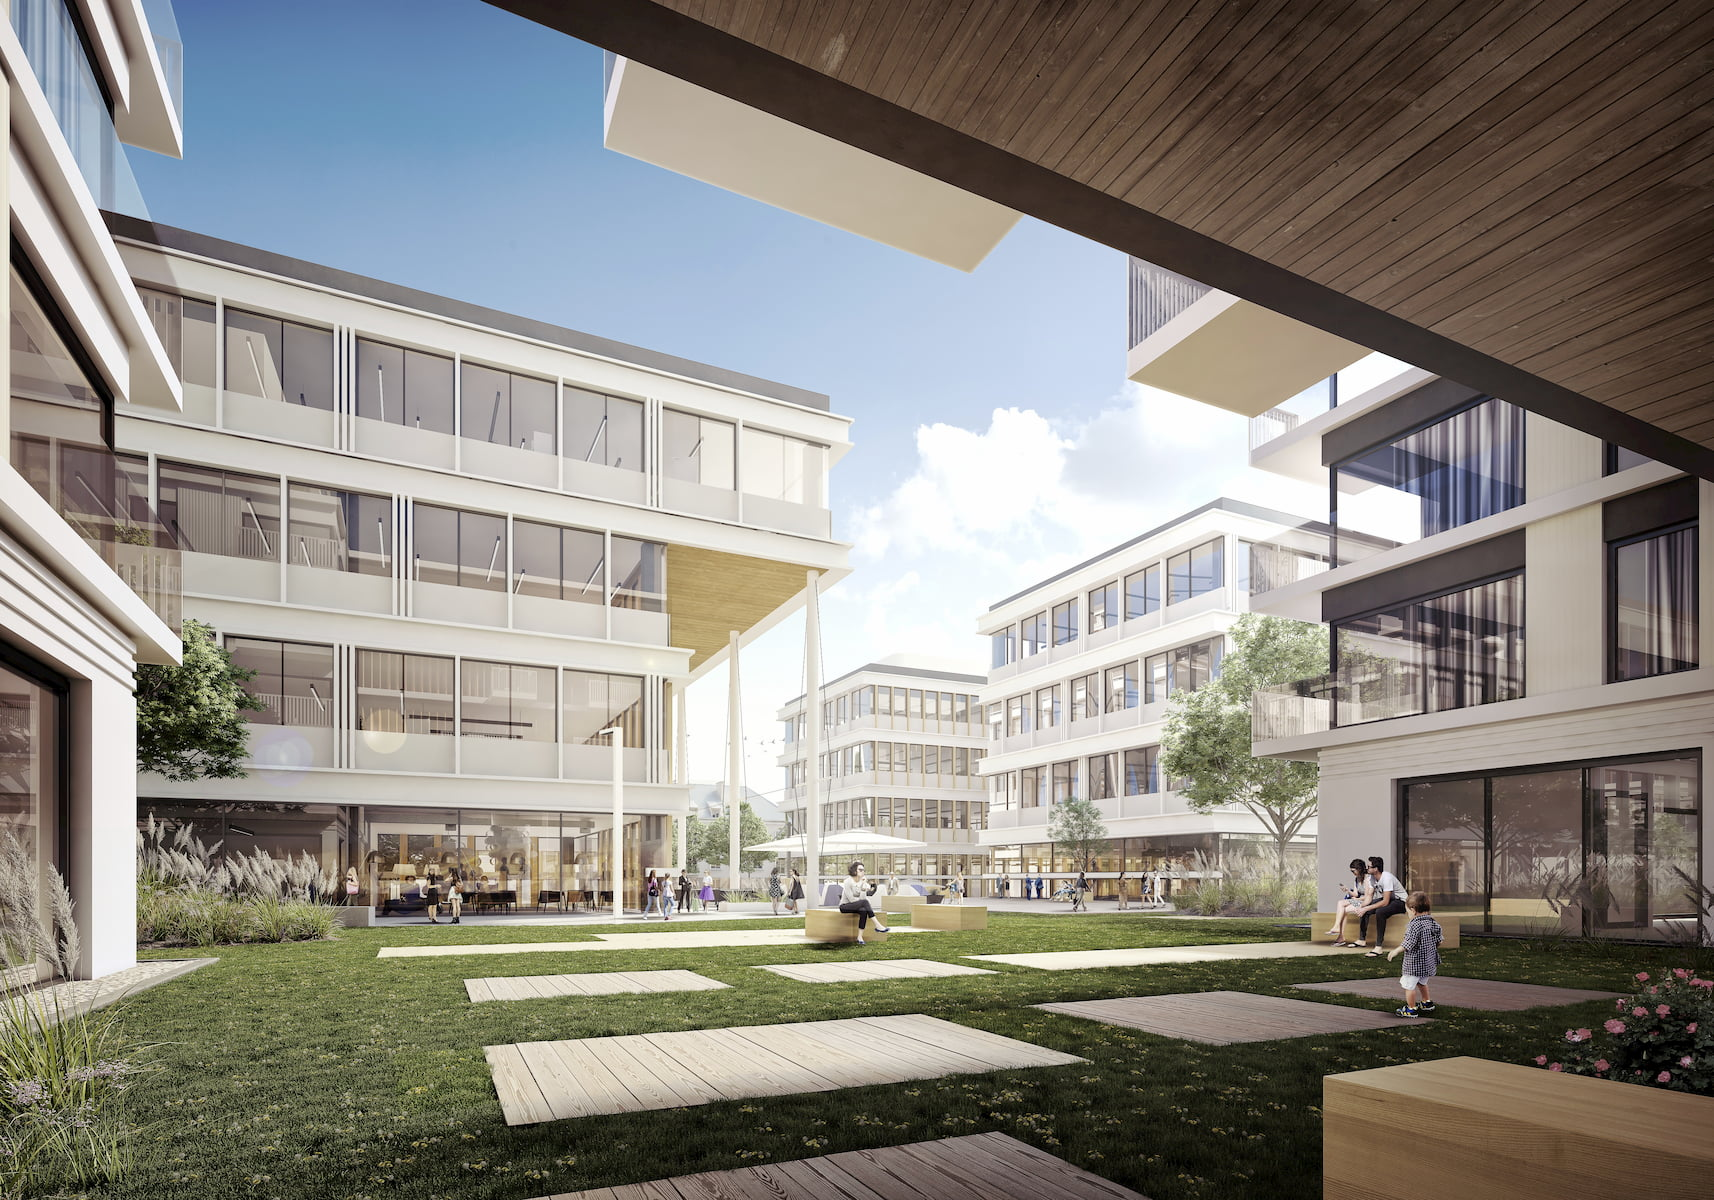 Gdynia Waterfront Vastint APA Wojciechowski Architekci 2017 courtyard view